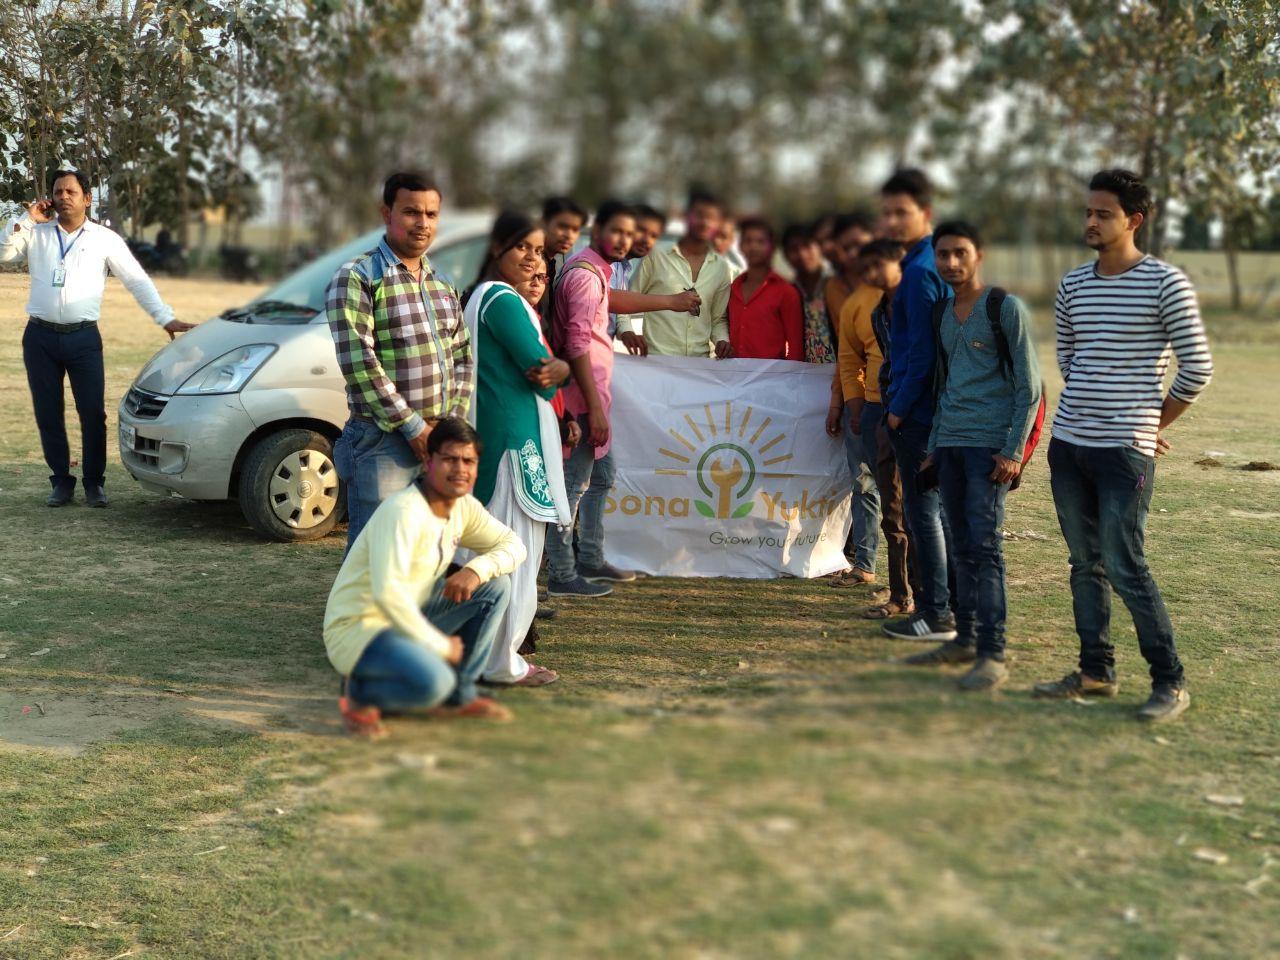 Car Training at Sona Yukti Gorakhpur